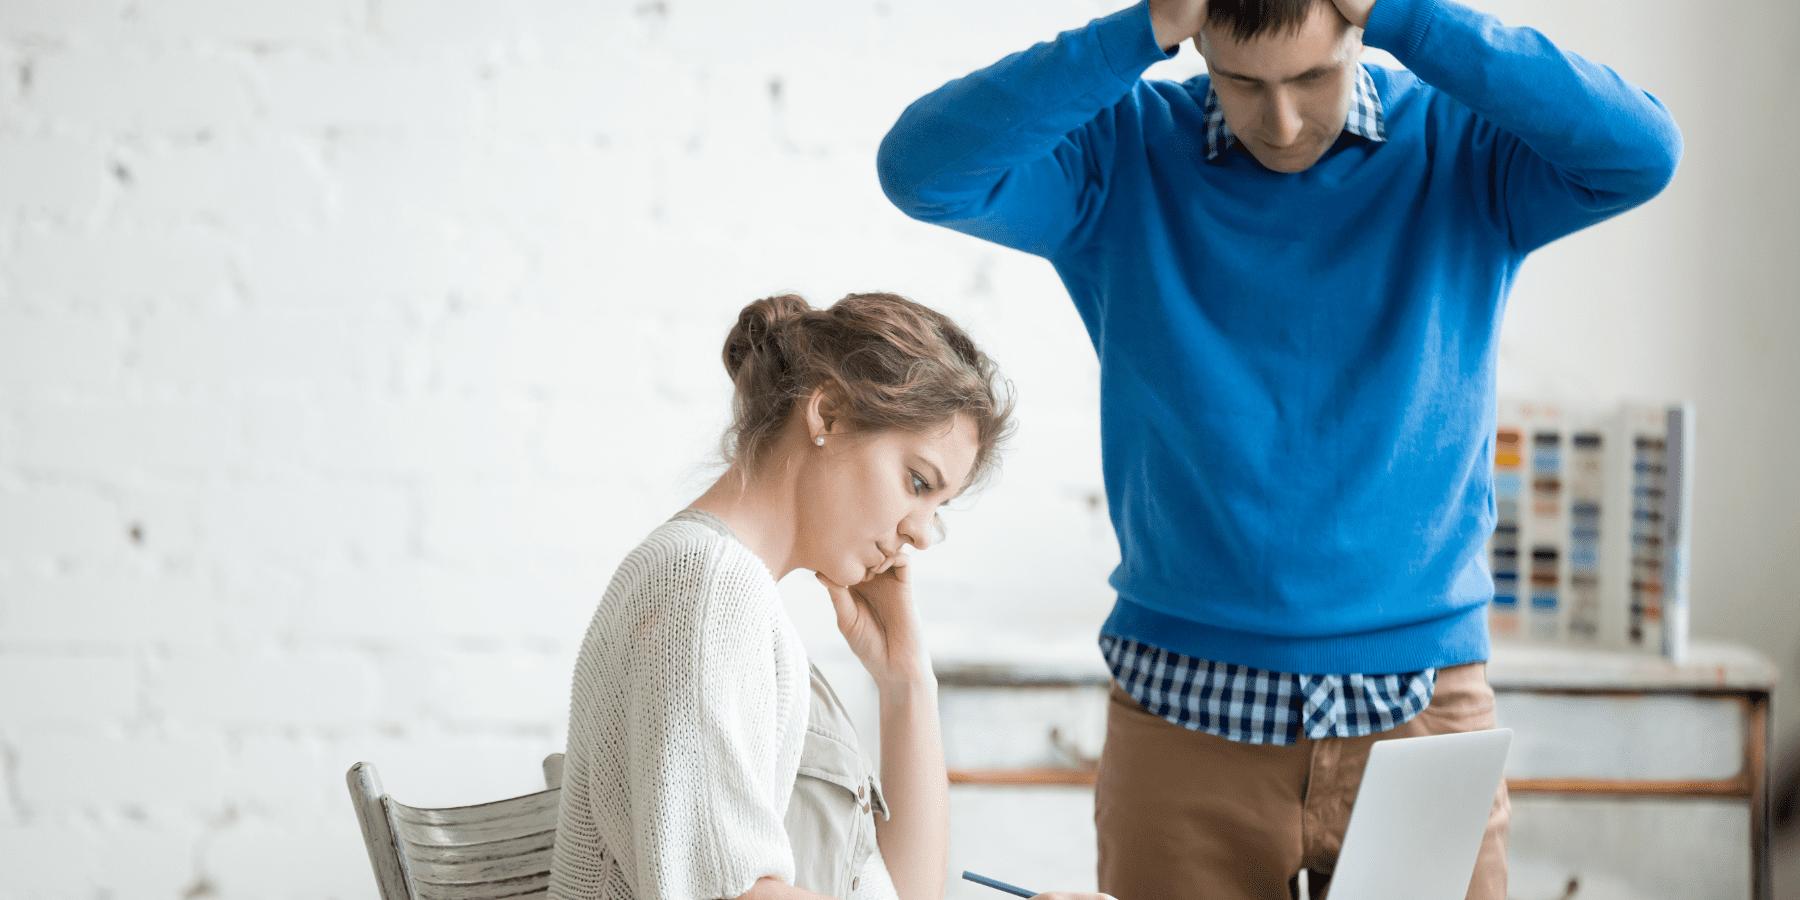 3 най-често срещани грешки при рефинансиране на кредити